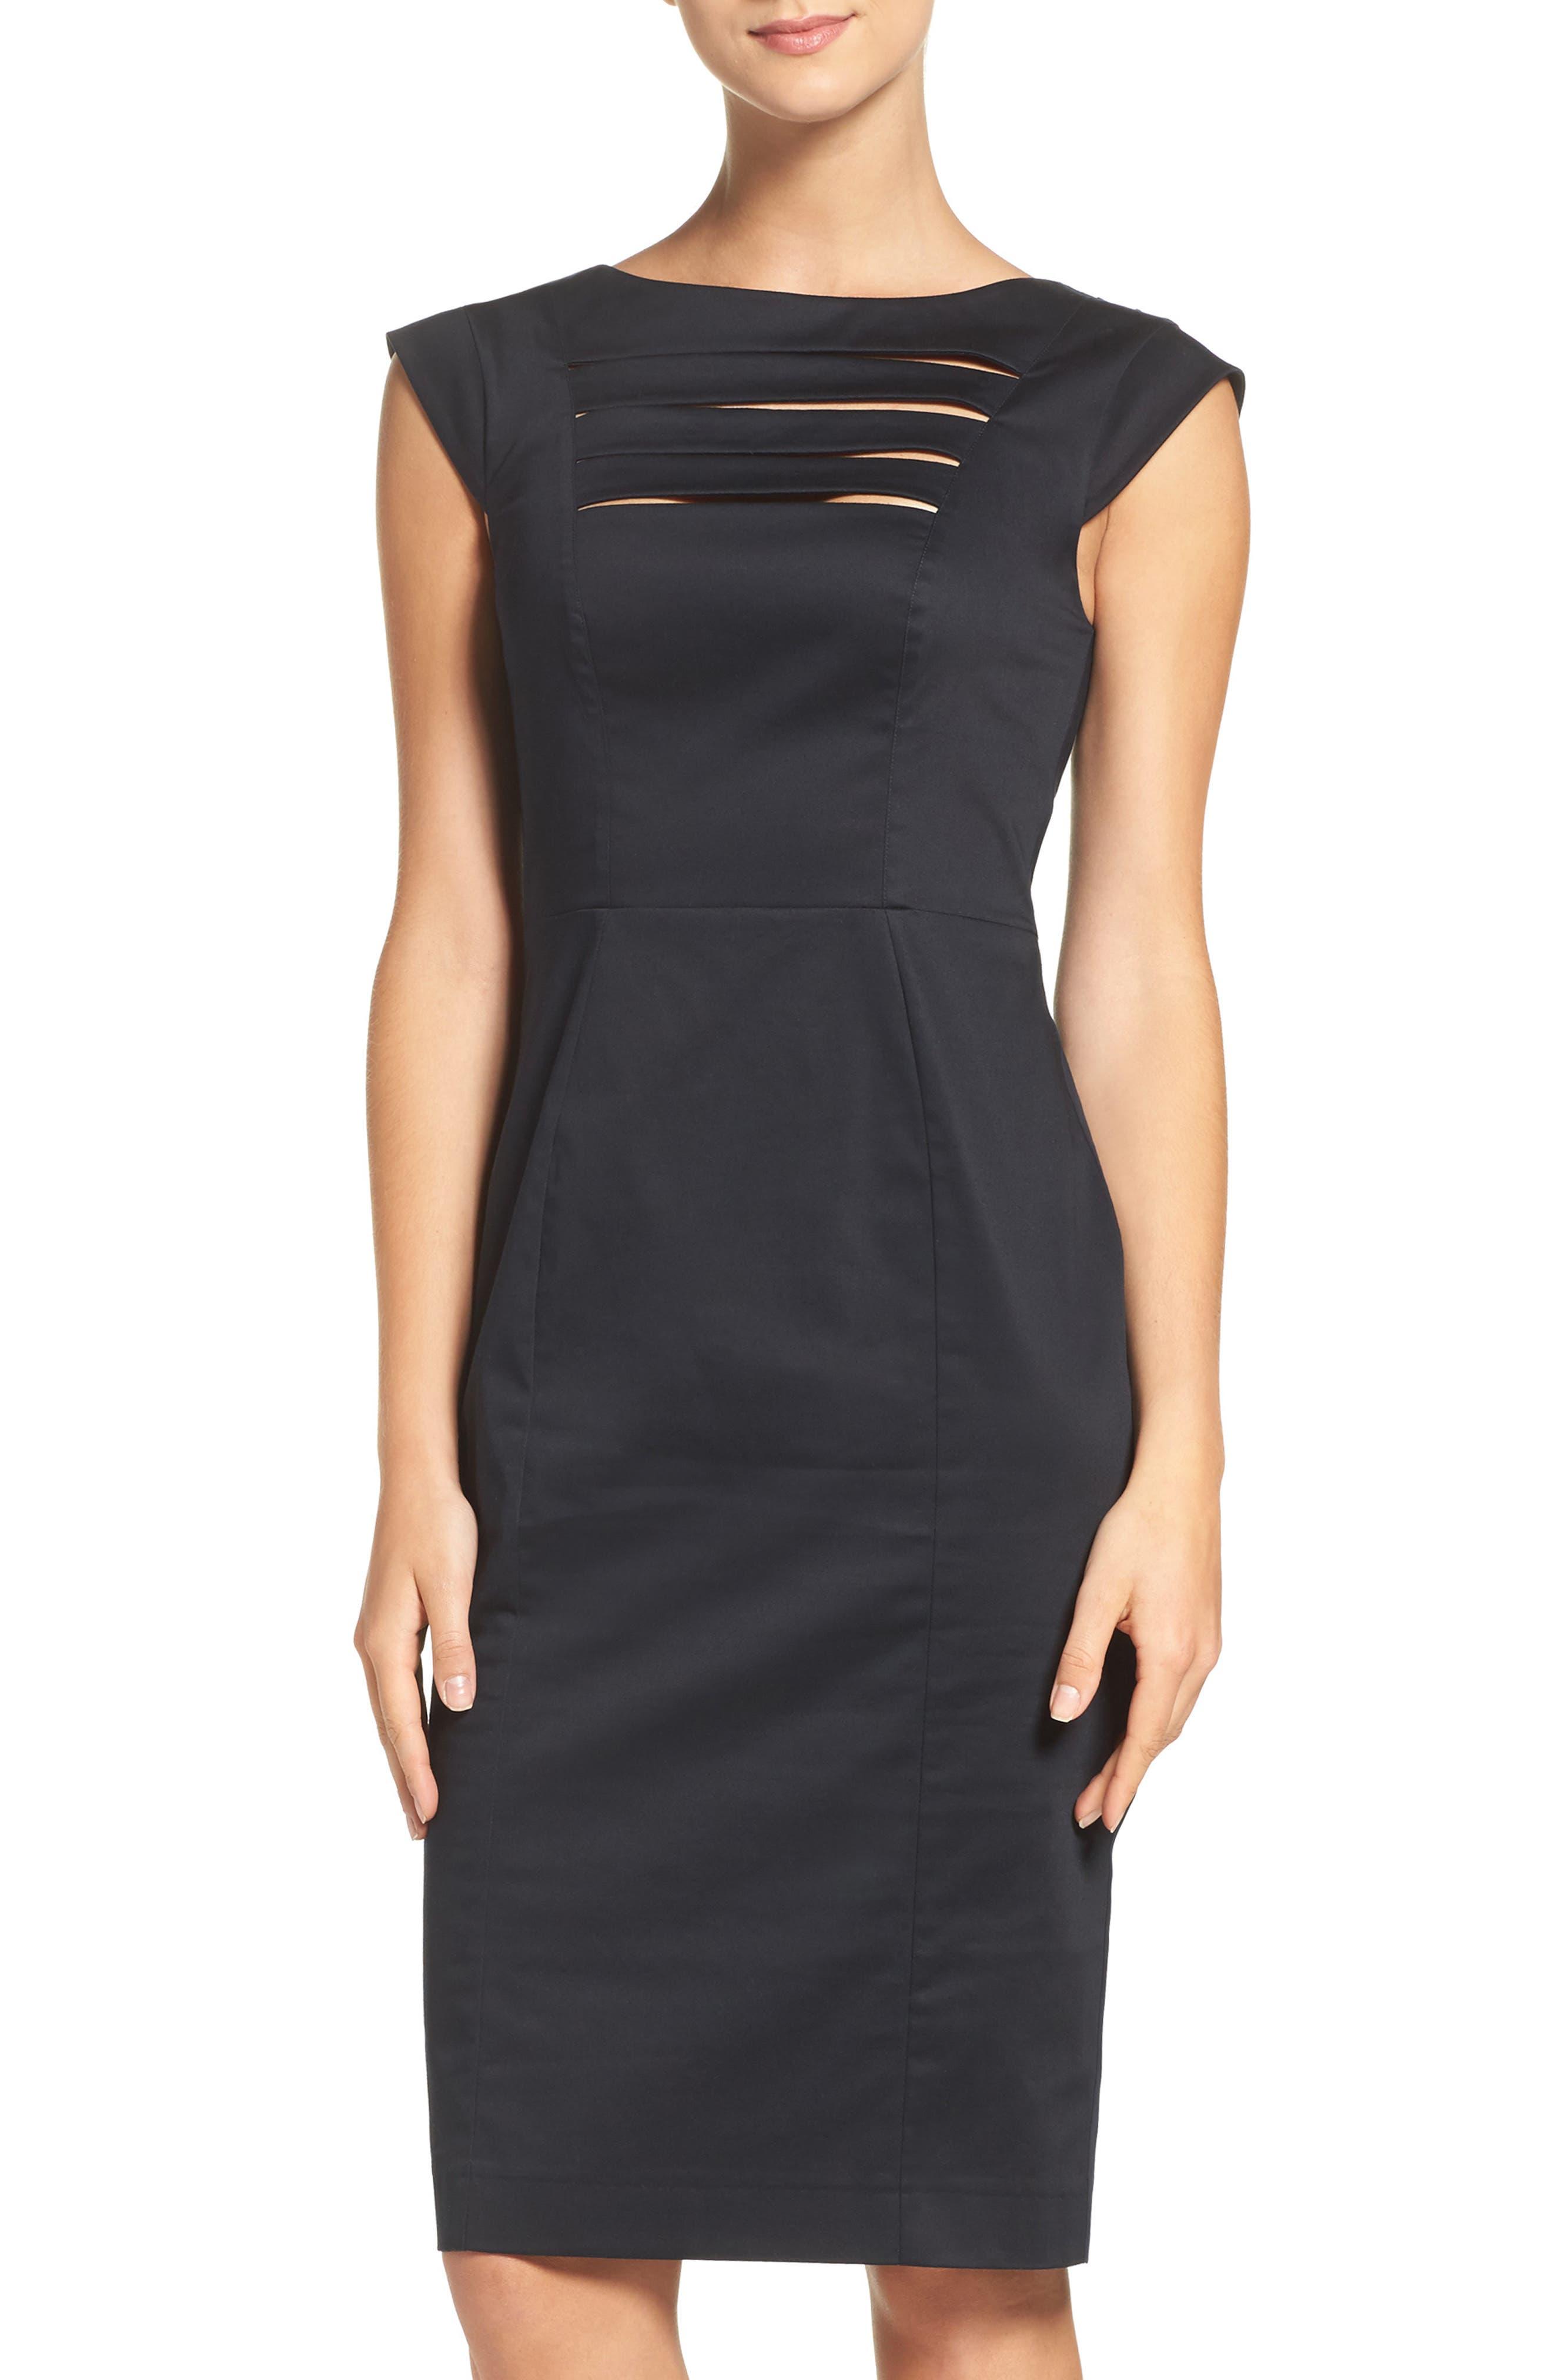 'Estelle' Cutout Cotton Blend Sheath Dress,                         Main,                         color, Black/ Black